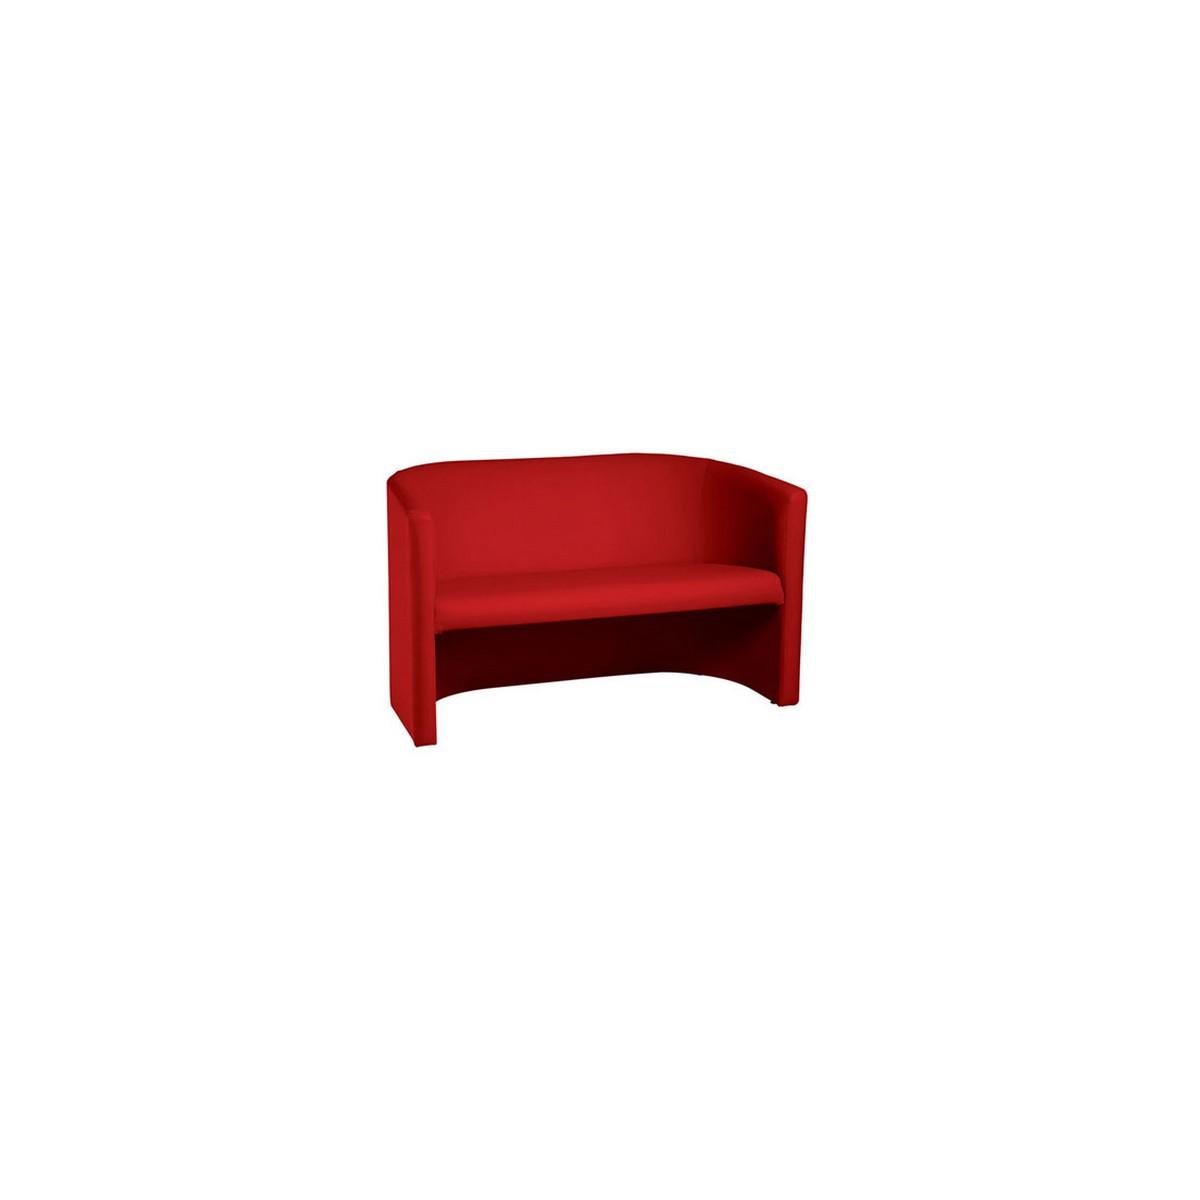 Sof hovenia 1 lugar m vel certo for Sofa 1 lugar com chaise